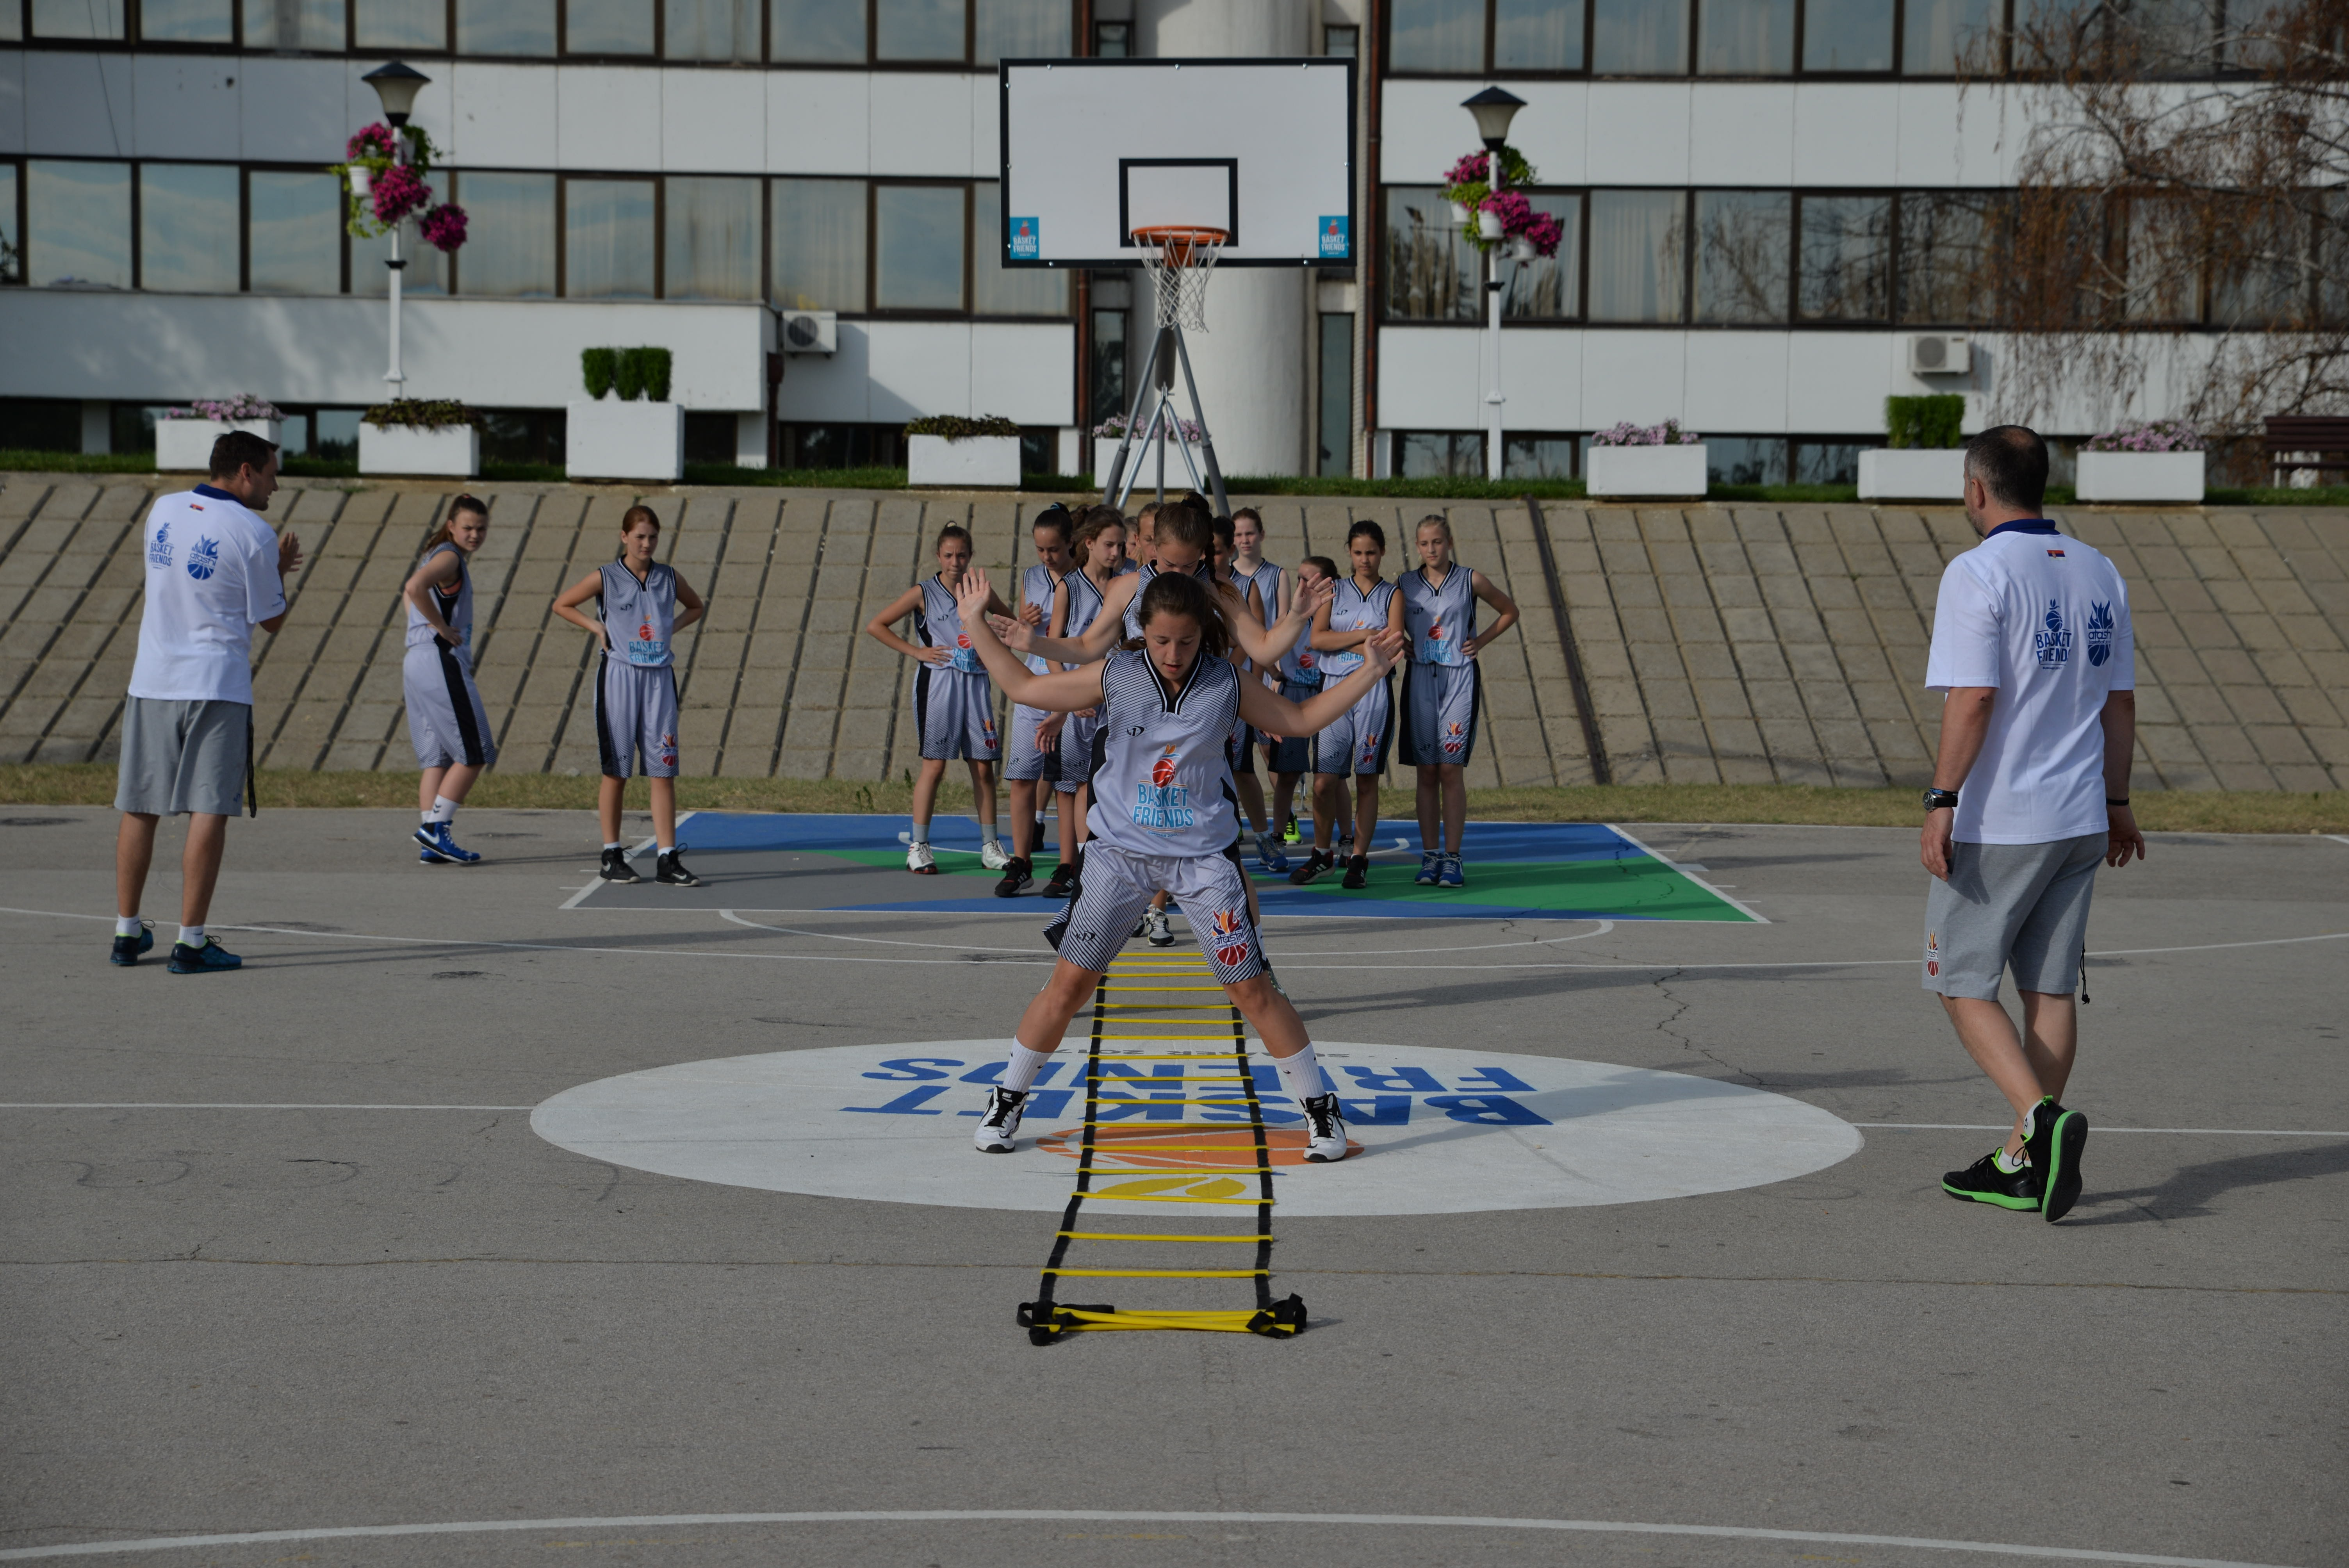 Basketfriends 2017. - coordination training